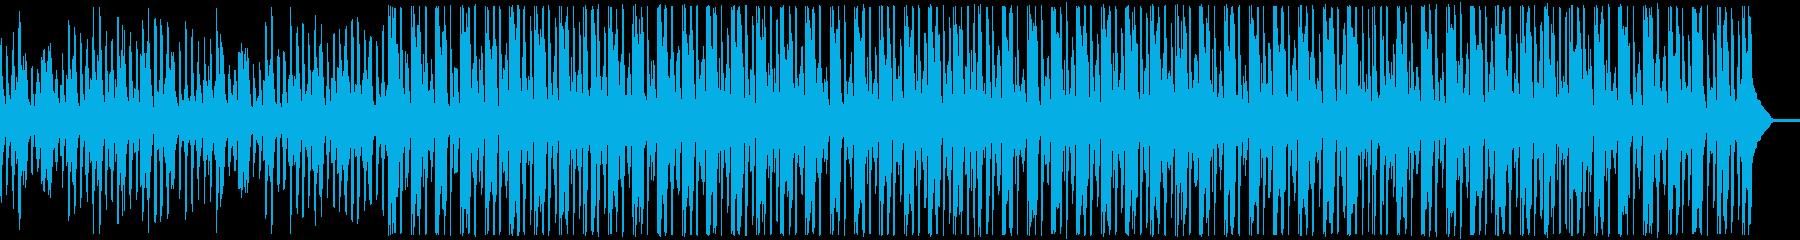 【メロディ抜き】明るく軽快なアンサンブルの再生済みの波形